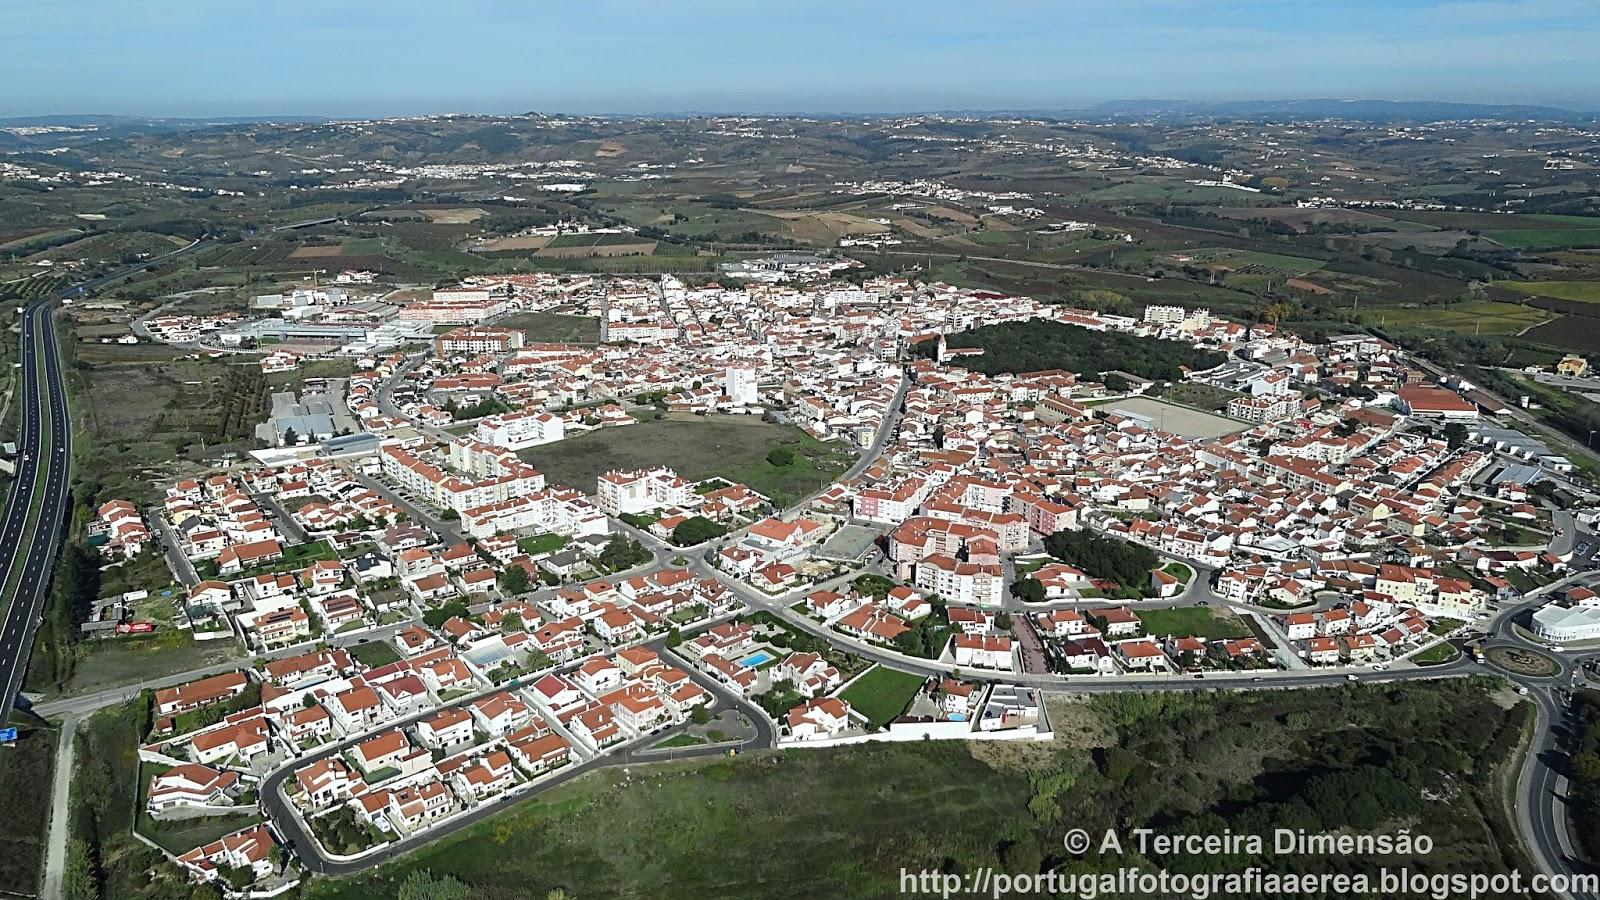 Bombarral City